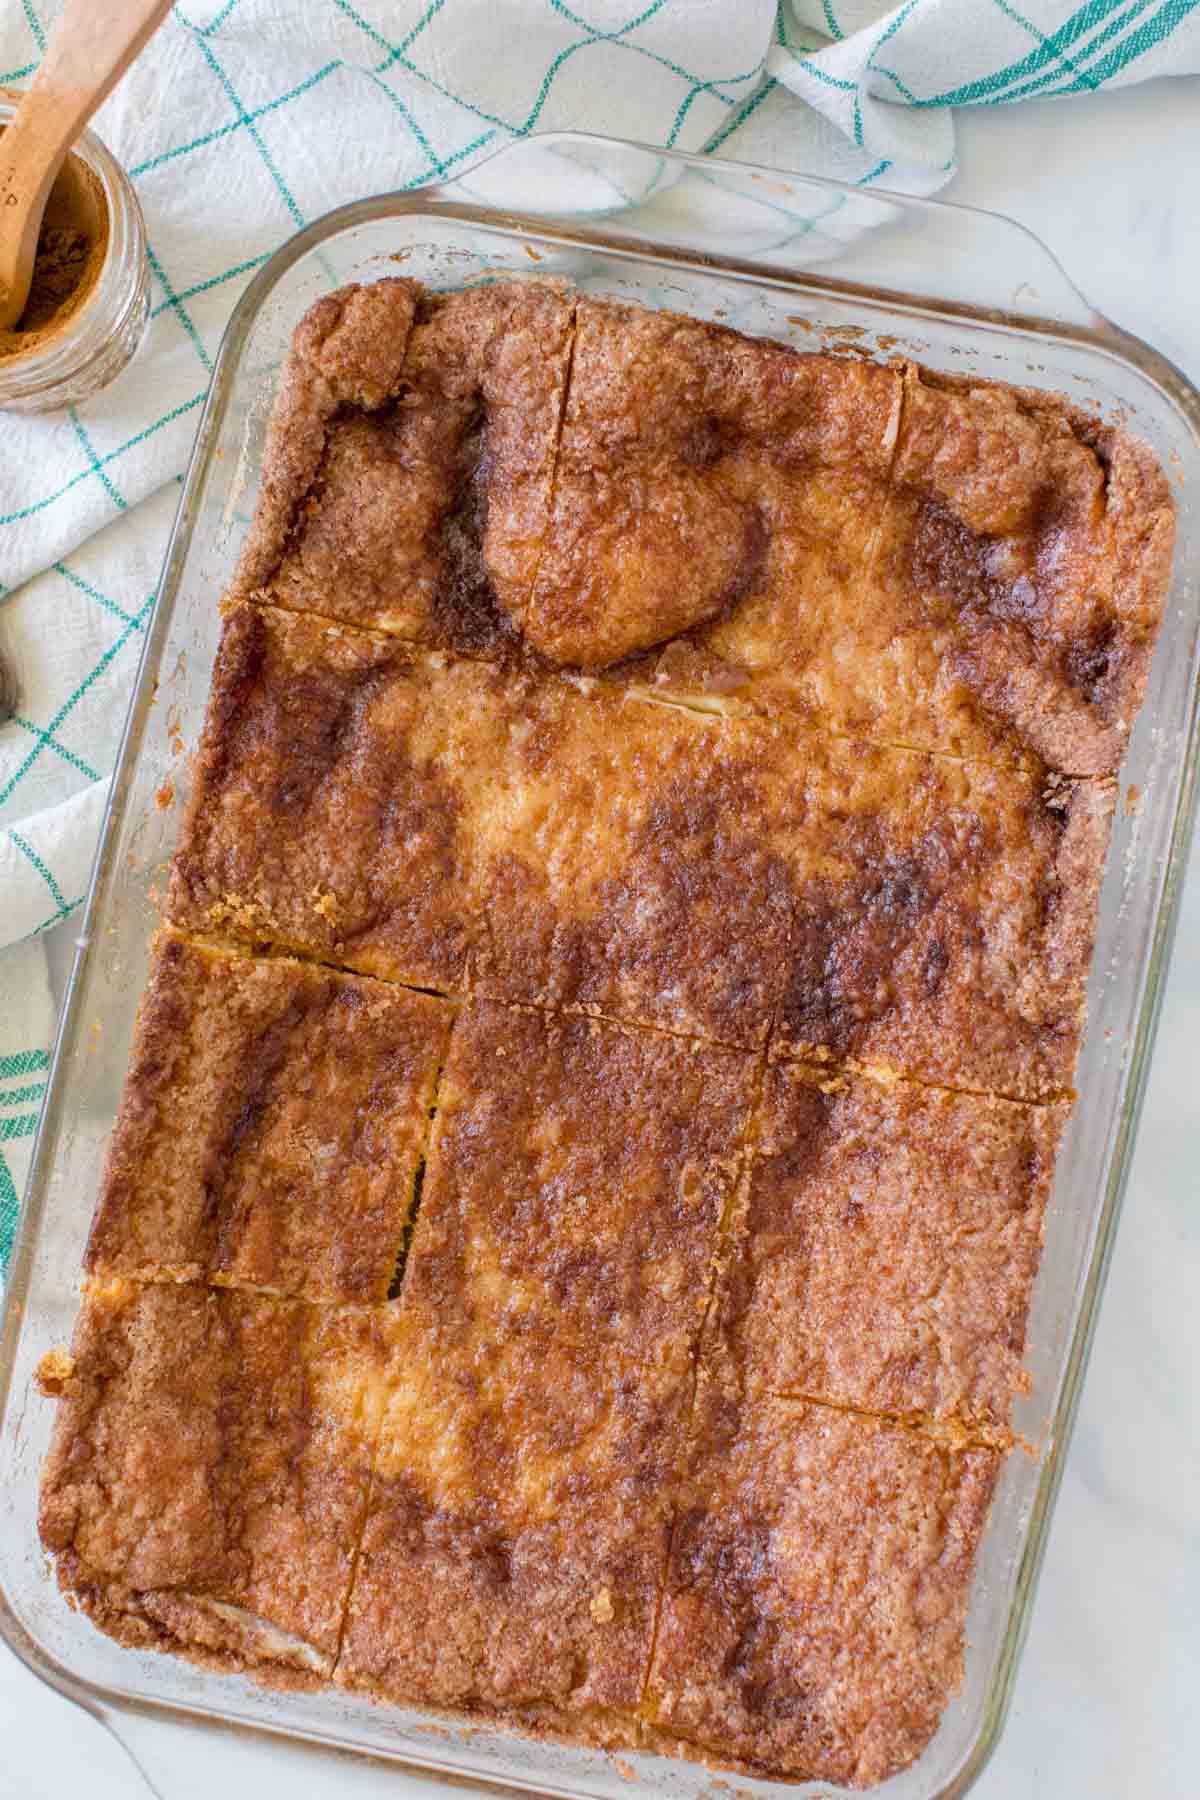 Sliced sopapilla cheesecake in a baking dish